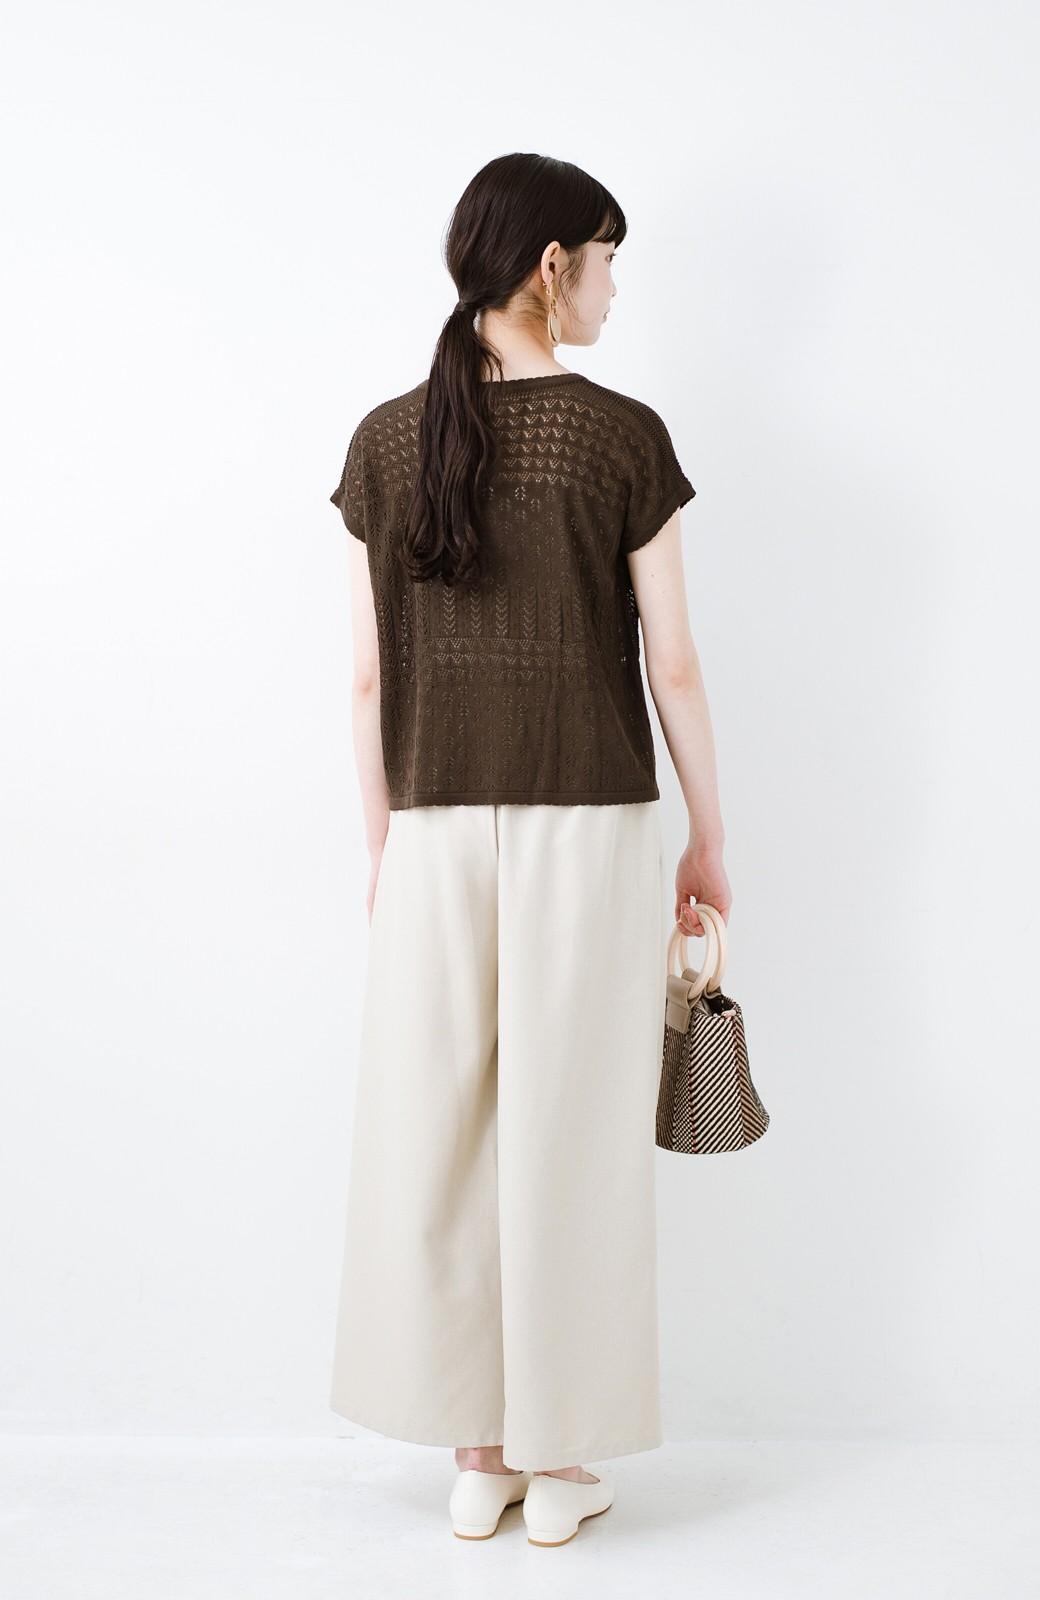 haco! 1枚でも重ね着にも便利なヘビロテしたくなる透かし編みニットトップス <チョコ>の商品写真10